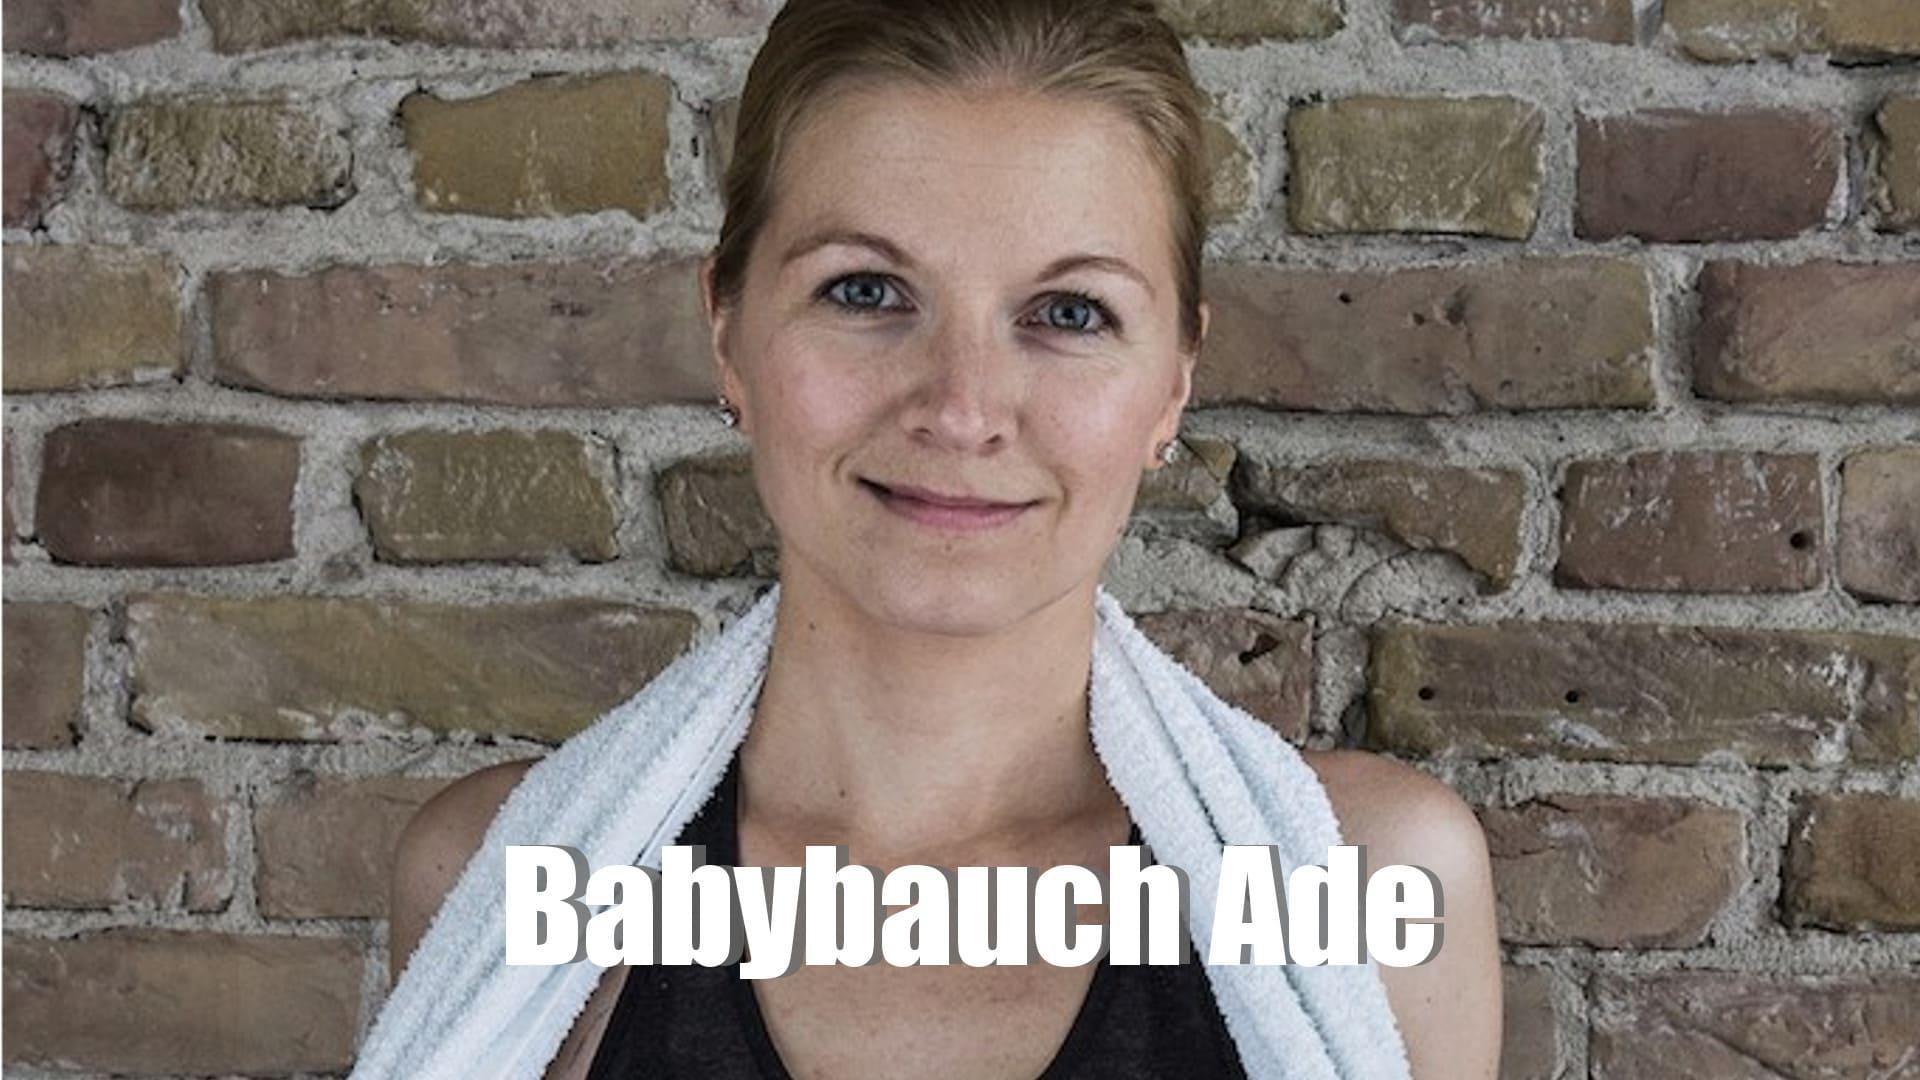 Babybauch Ade